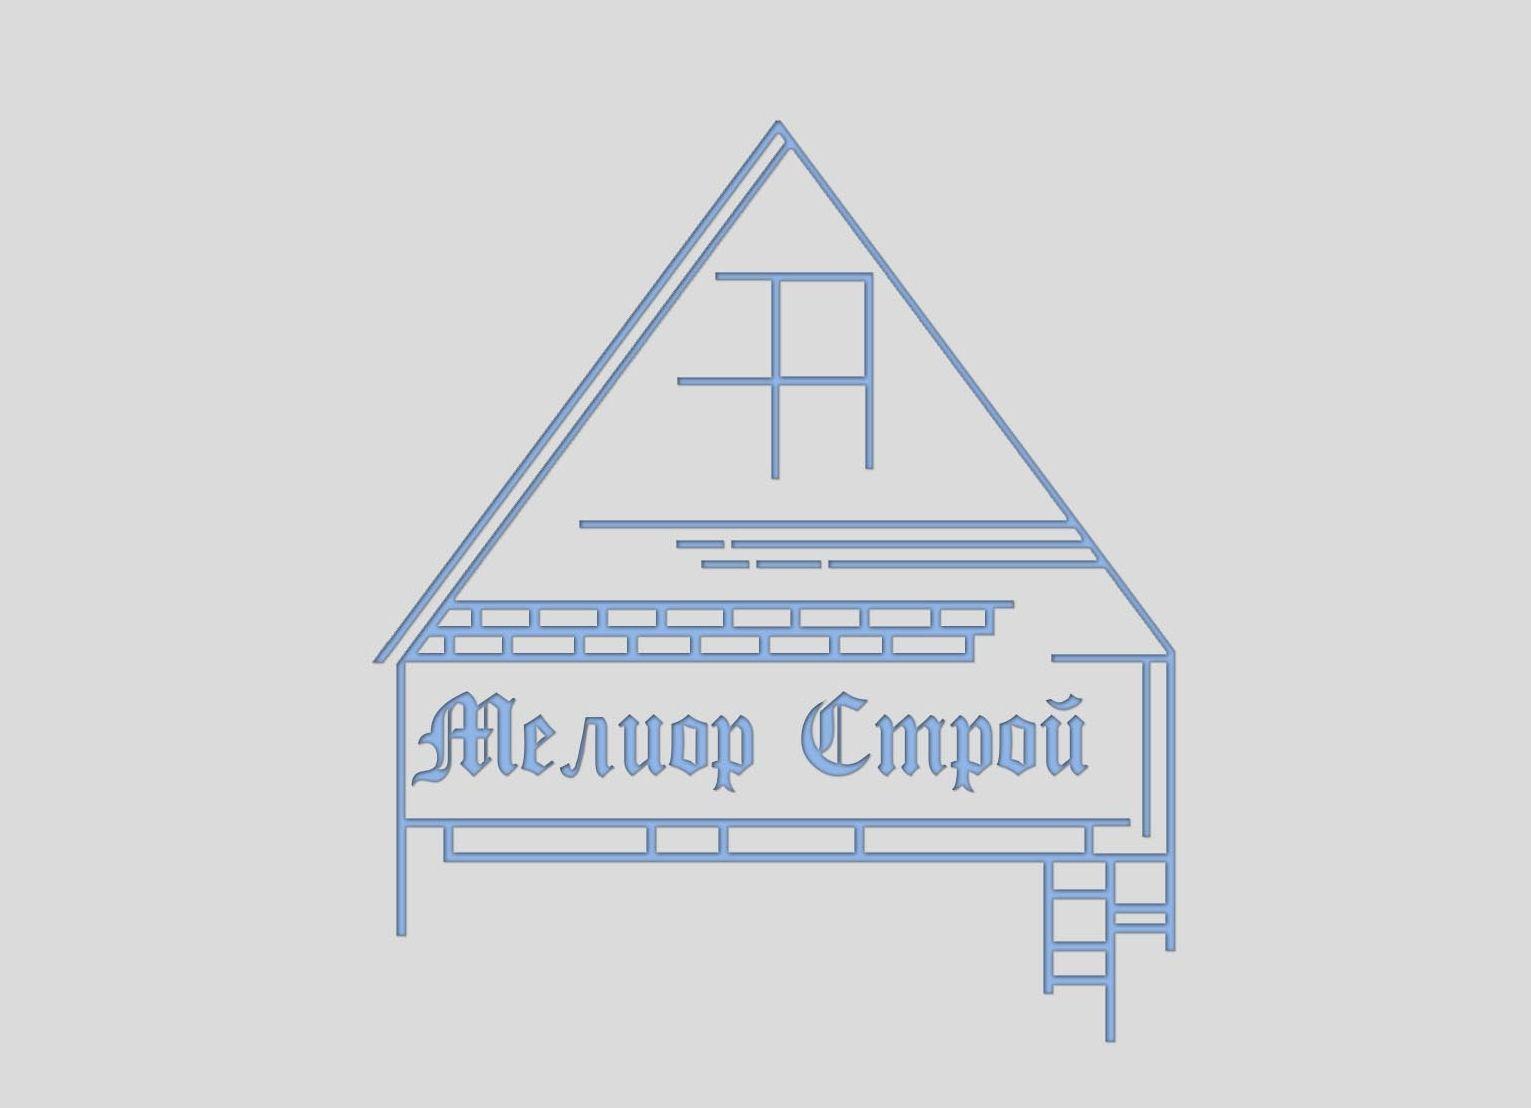 Фирменный стиль для Мелиор Строй - дизайнер Nevermore_666